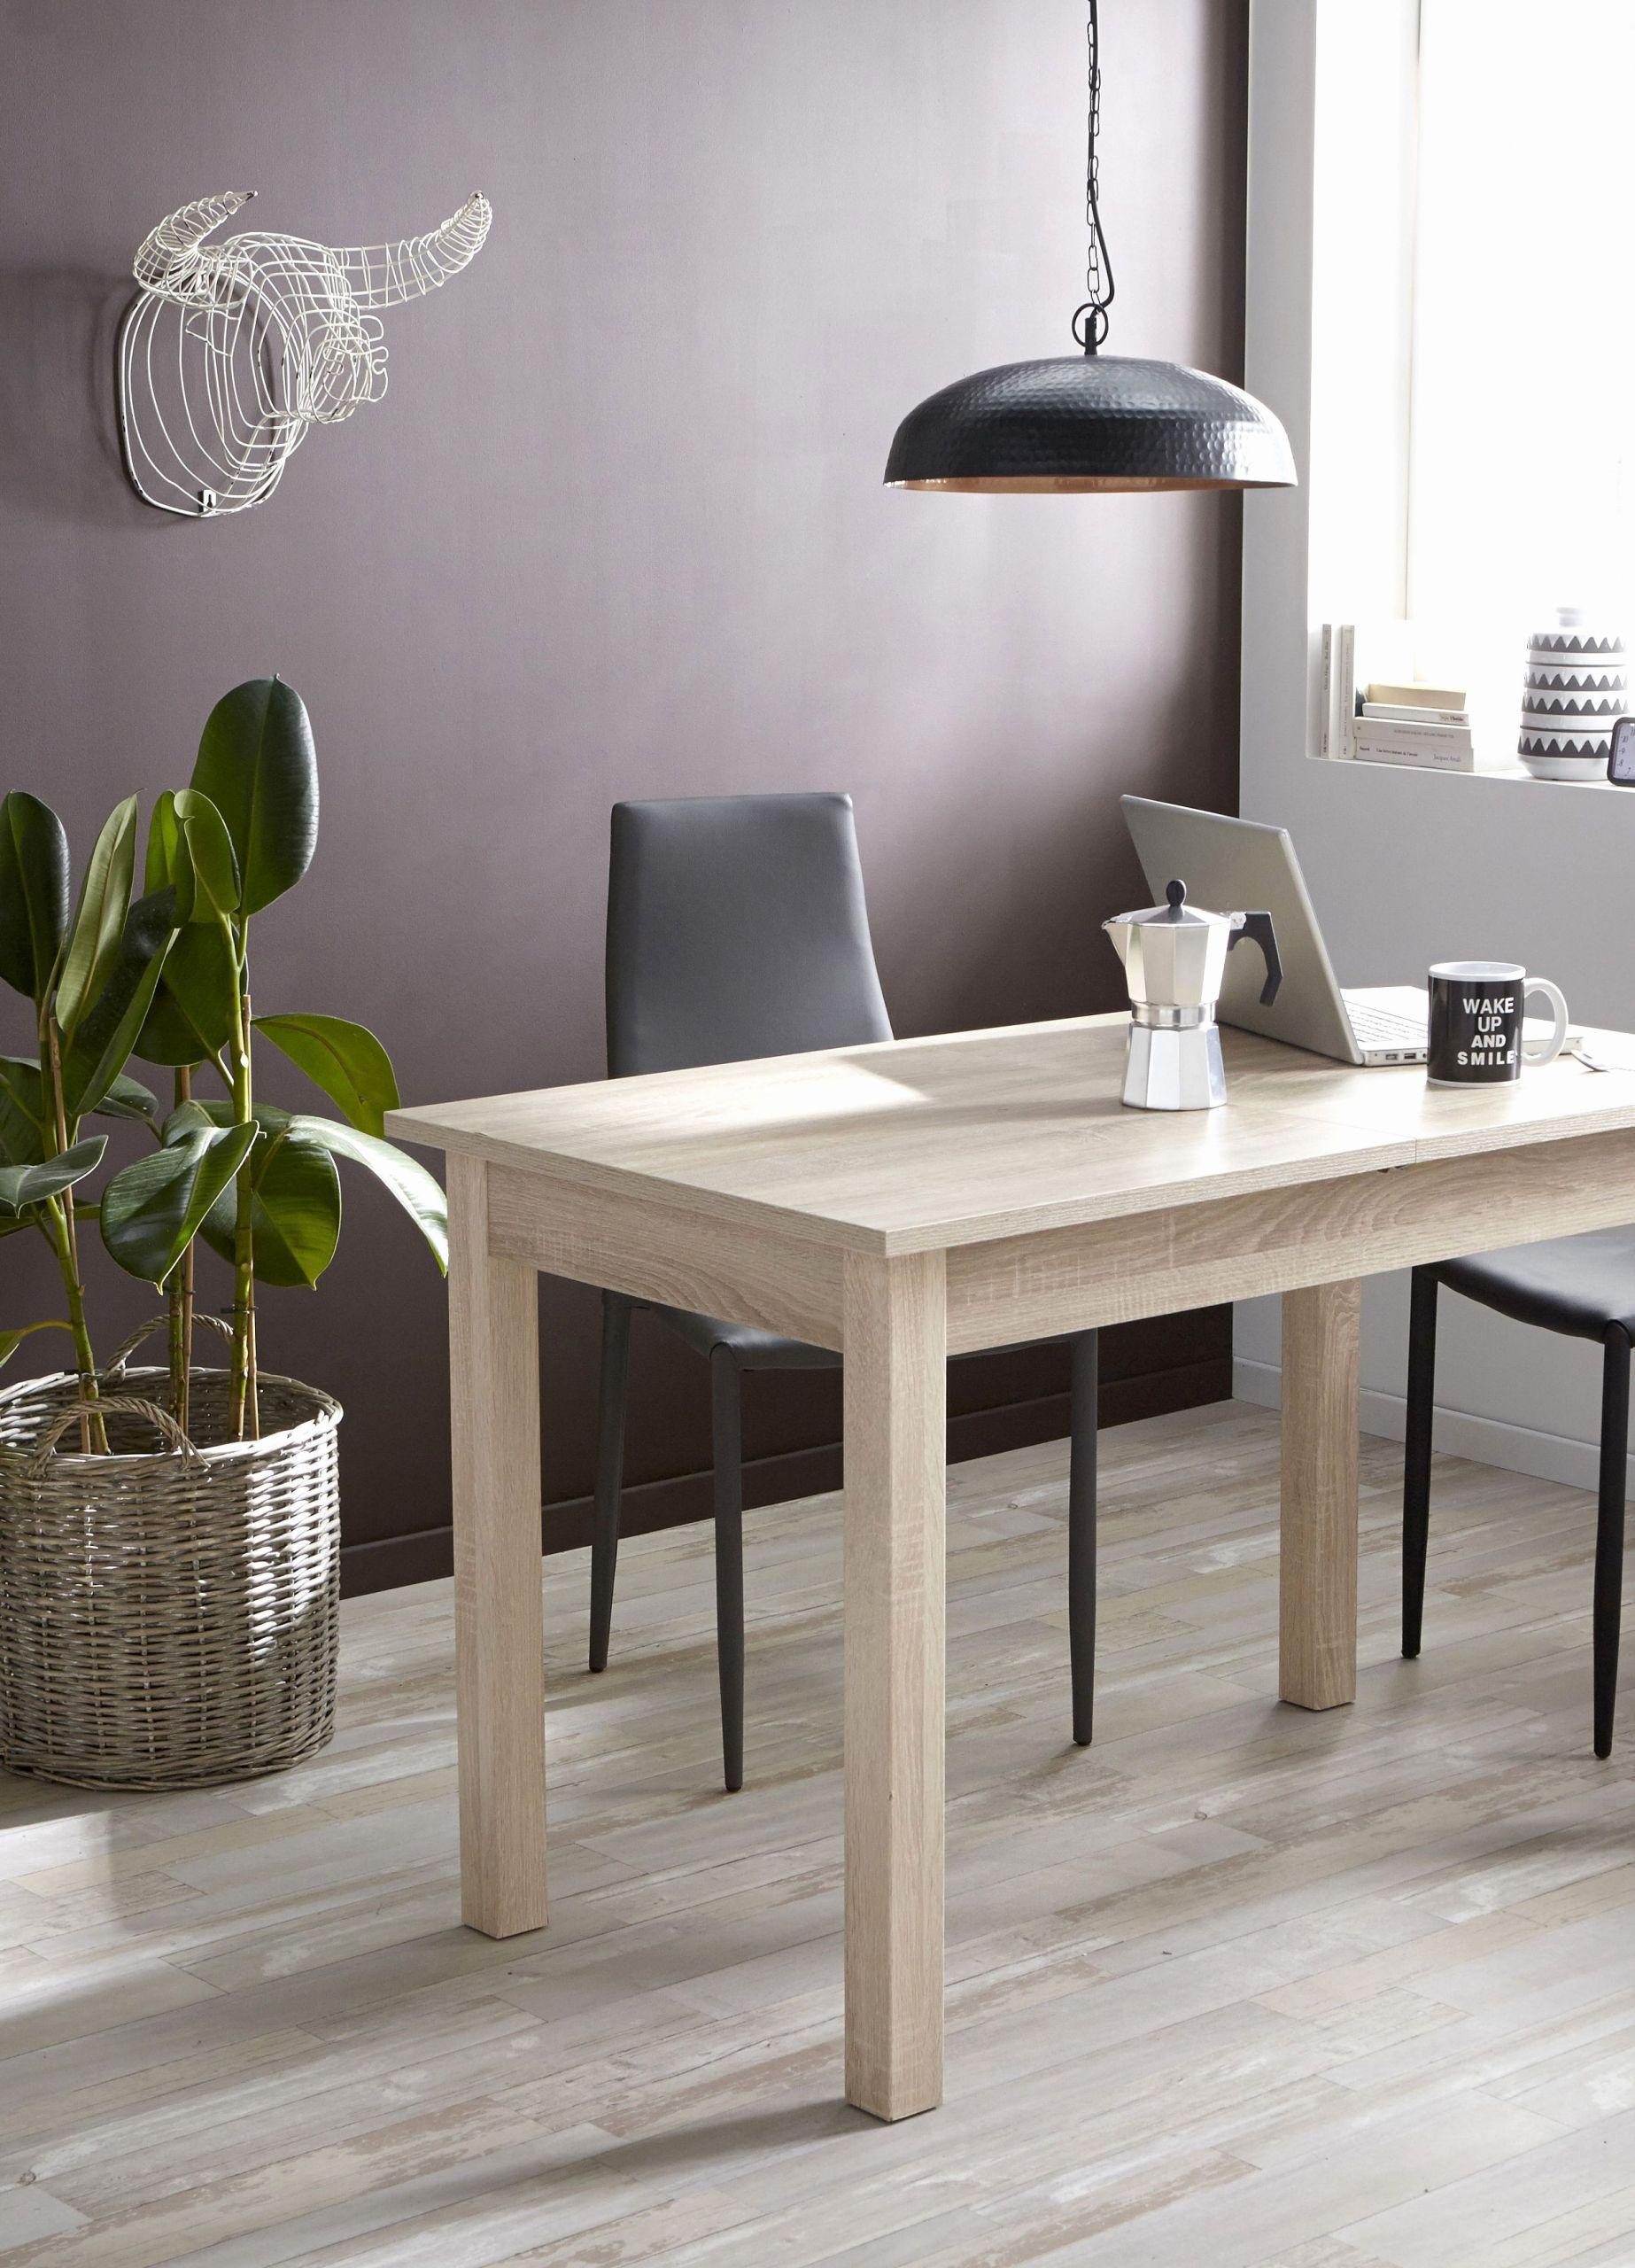 chaise de jardin blanc genial meuble bois et fer table de jardin rectangulaire chaise fer de chaise de jardin blanc scaled